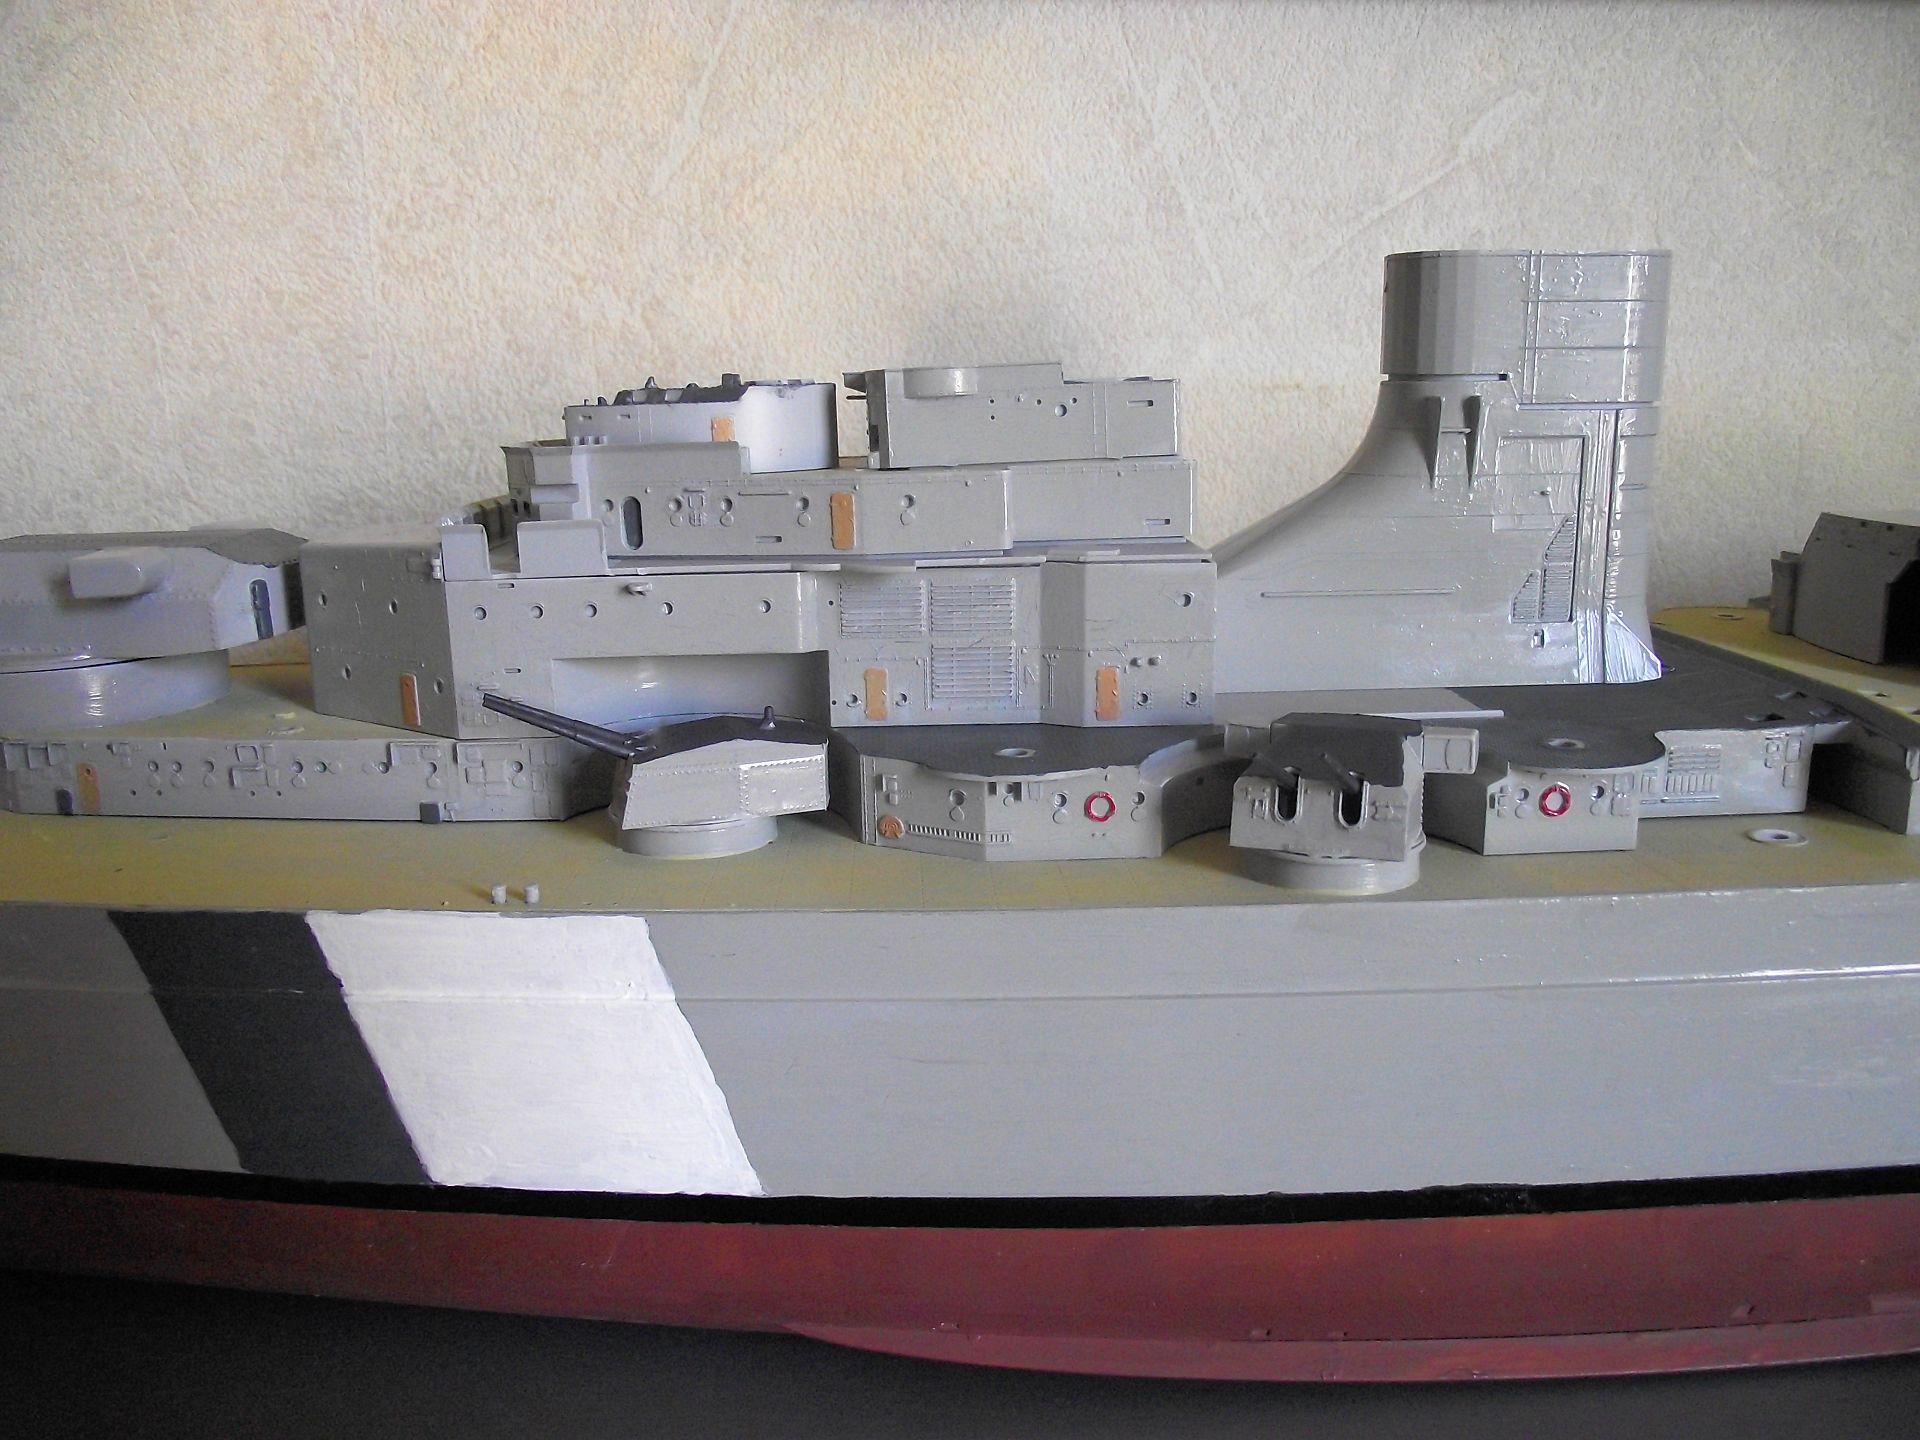 Bismarck au 1/200 Trumpetter  - Page 4 567163DSCF0796